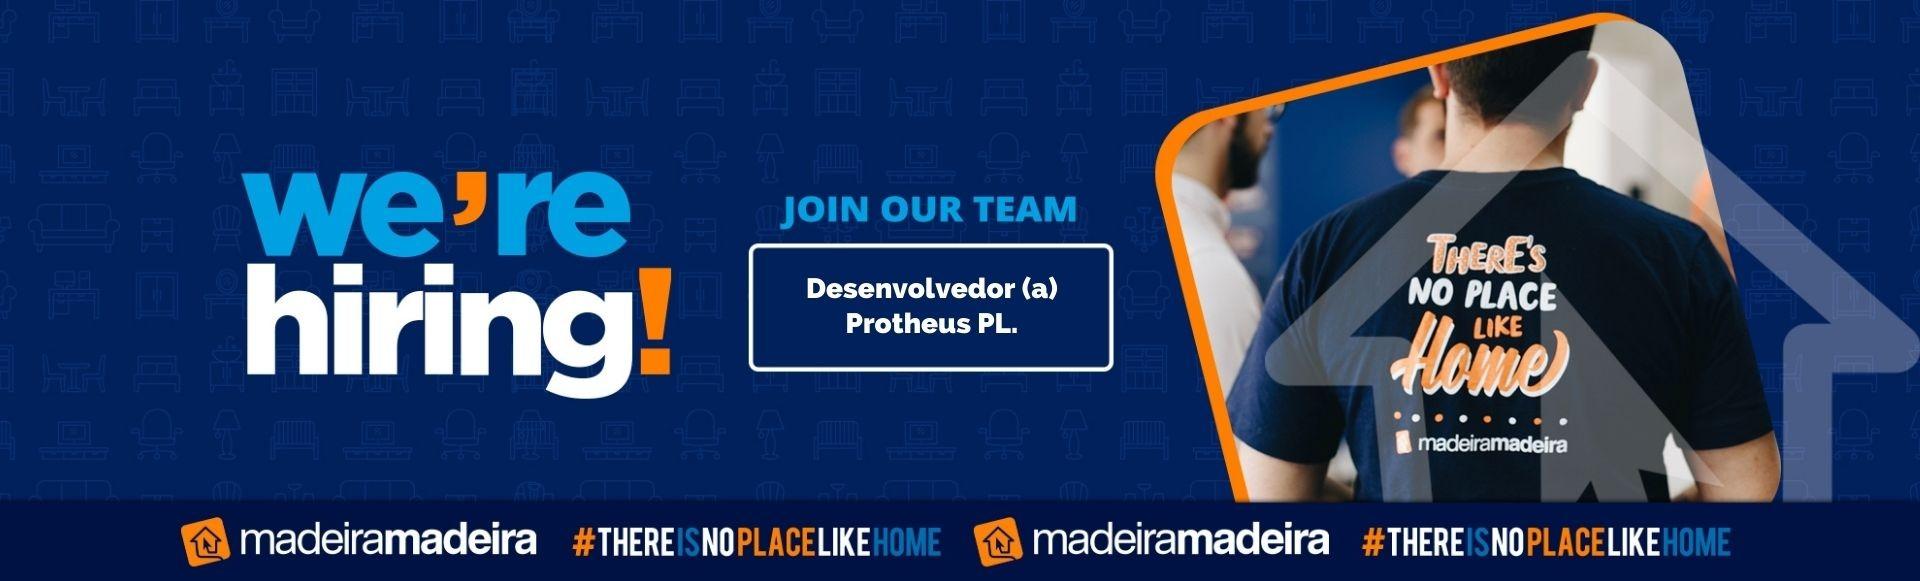 Desenvolvedor (a) Protheus PL